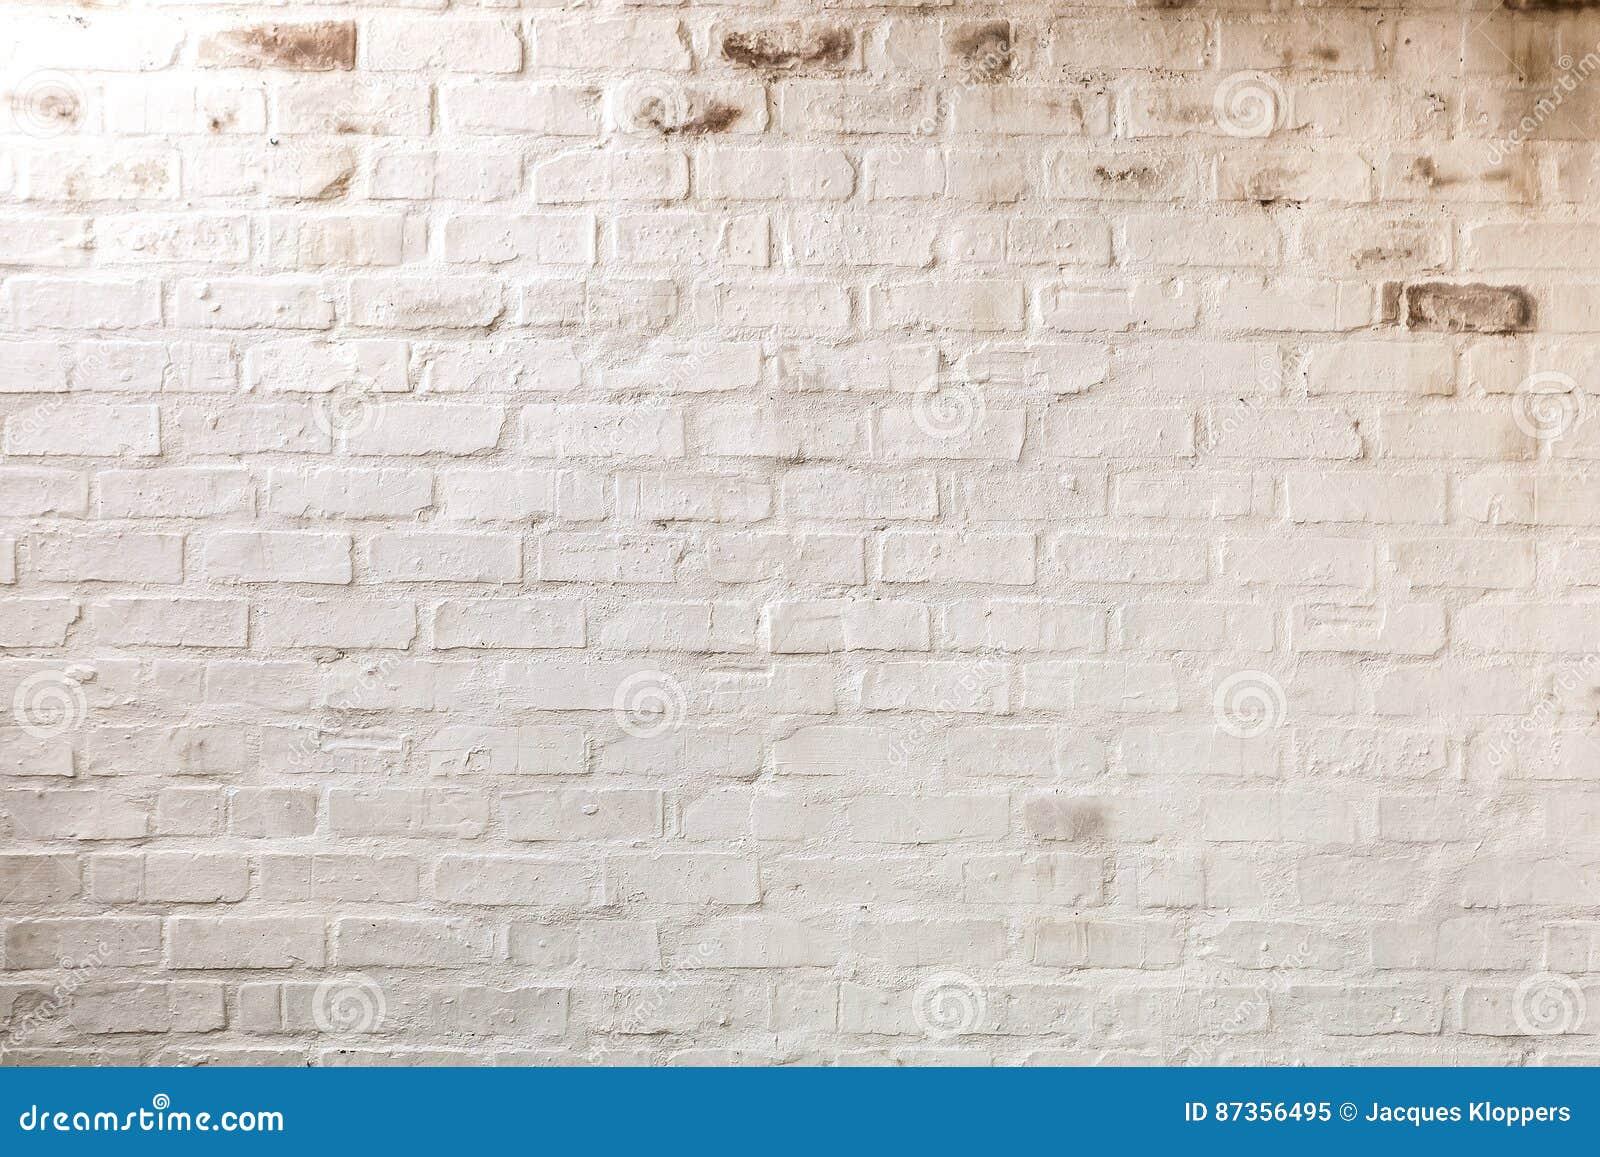 Abstracte samenstelling van witte geschilderde bakstenen muur